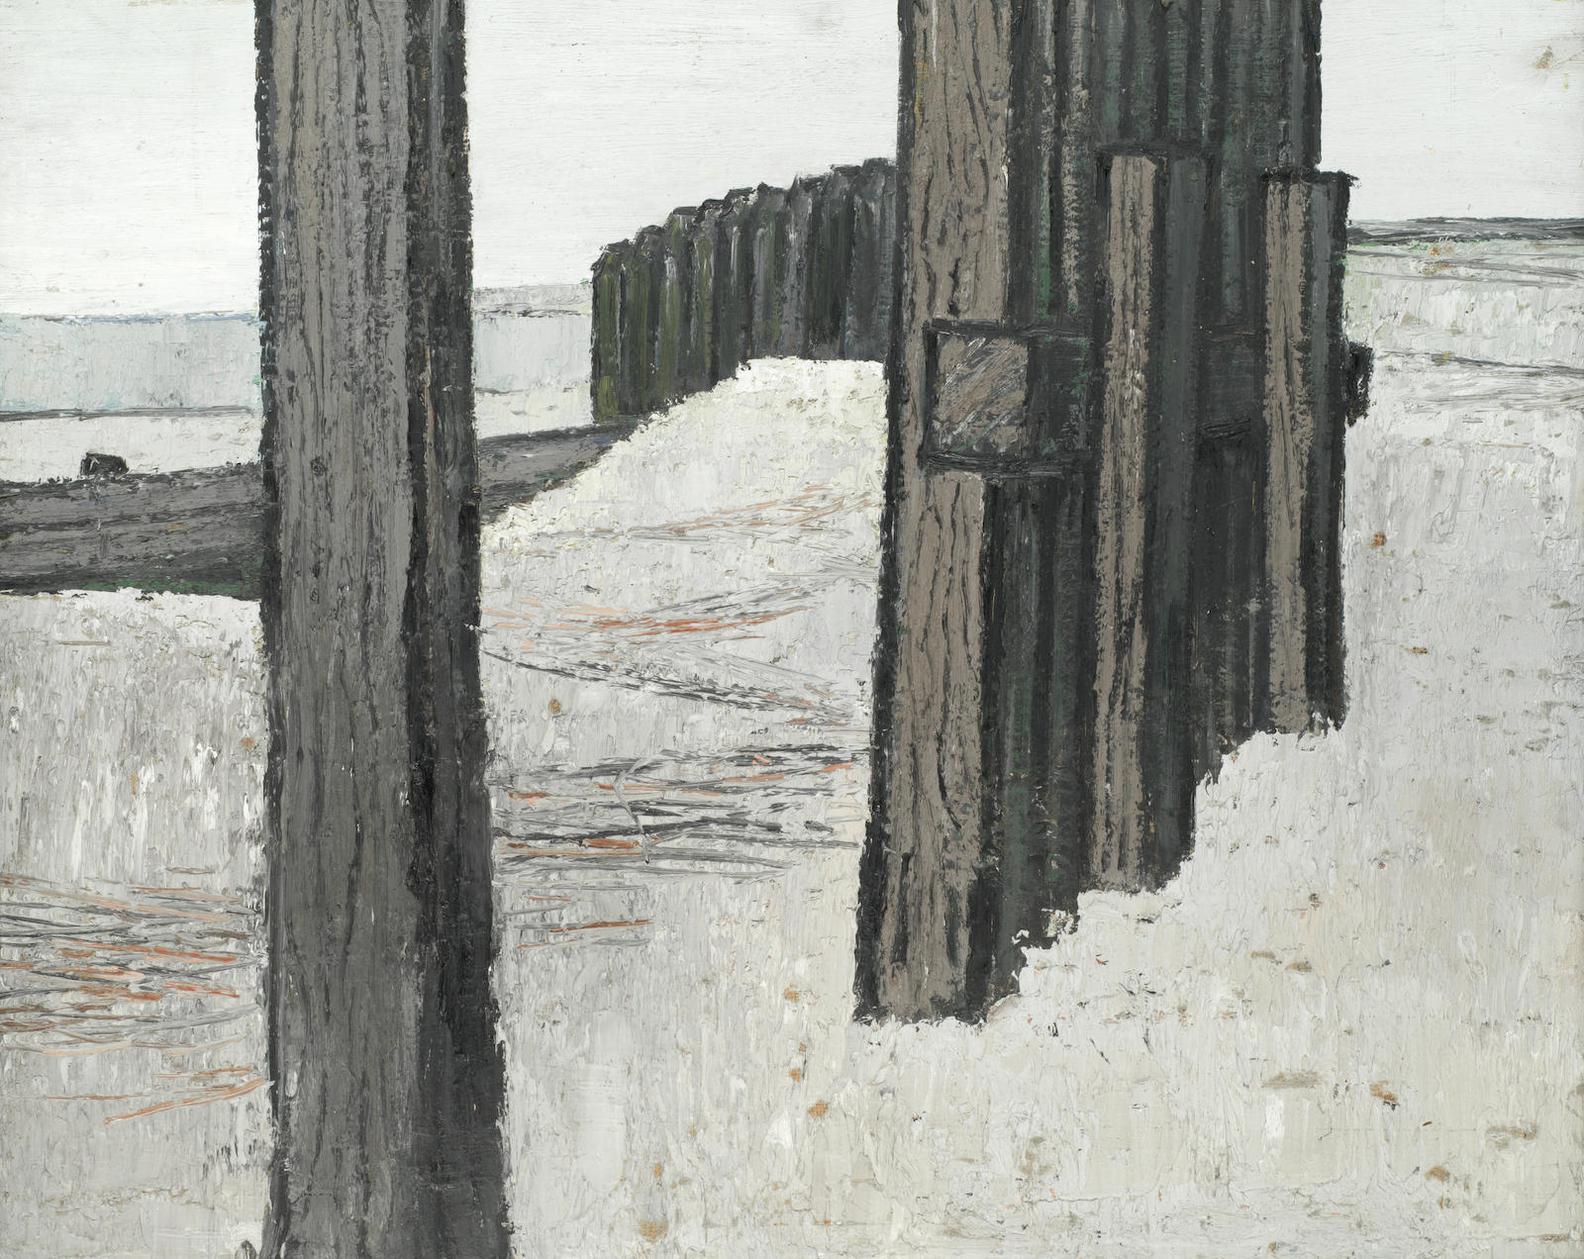 James Boswell-Shoreham Beach 3-1952